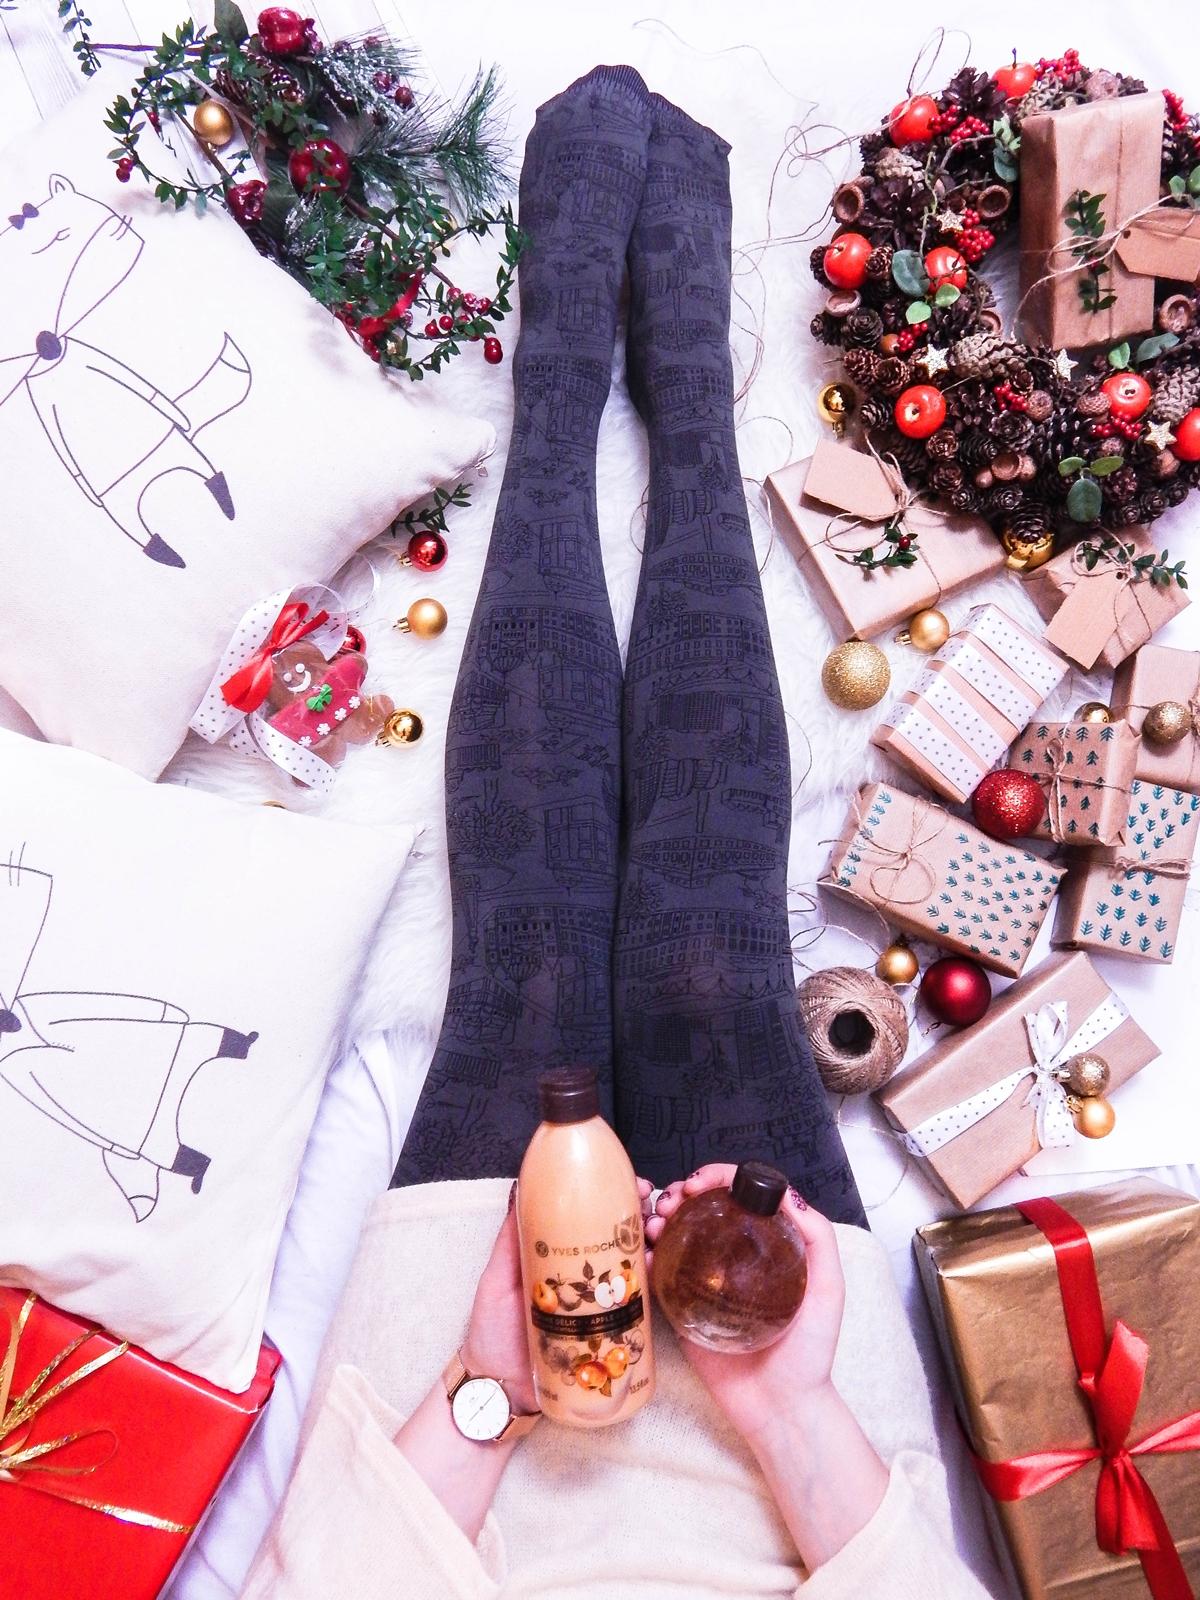 7 100 pomysłów co robić w grudniu co robić w święta jak spędzić święta z rodziną ze znajomymi jak nie nudzić się w święta zimą aktywności pomysły na zimowe grudniowe wieczory co przygotować jak do bożego narodzenia